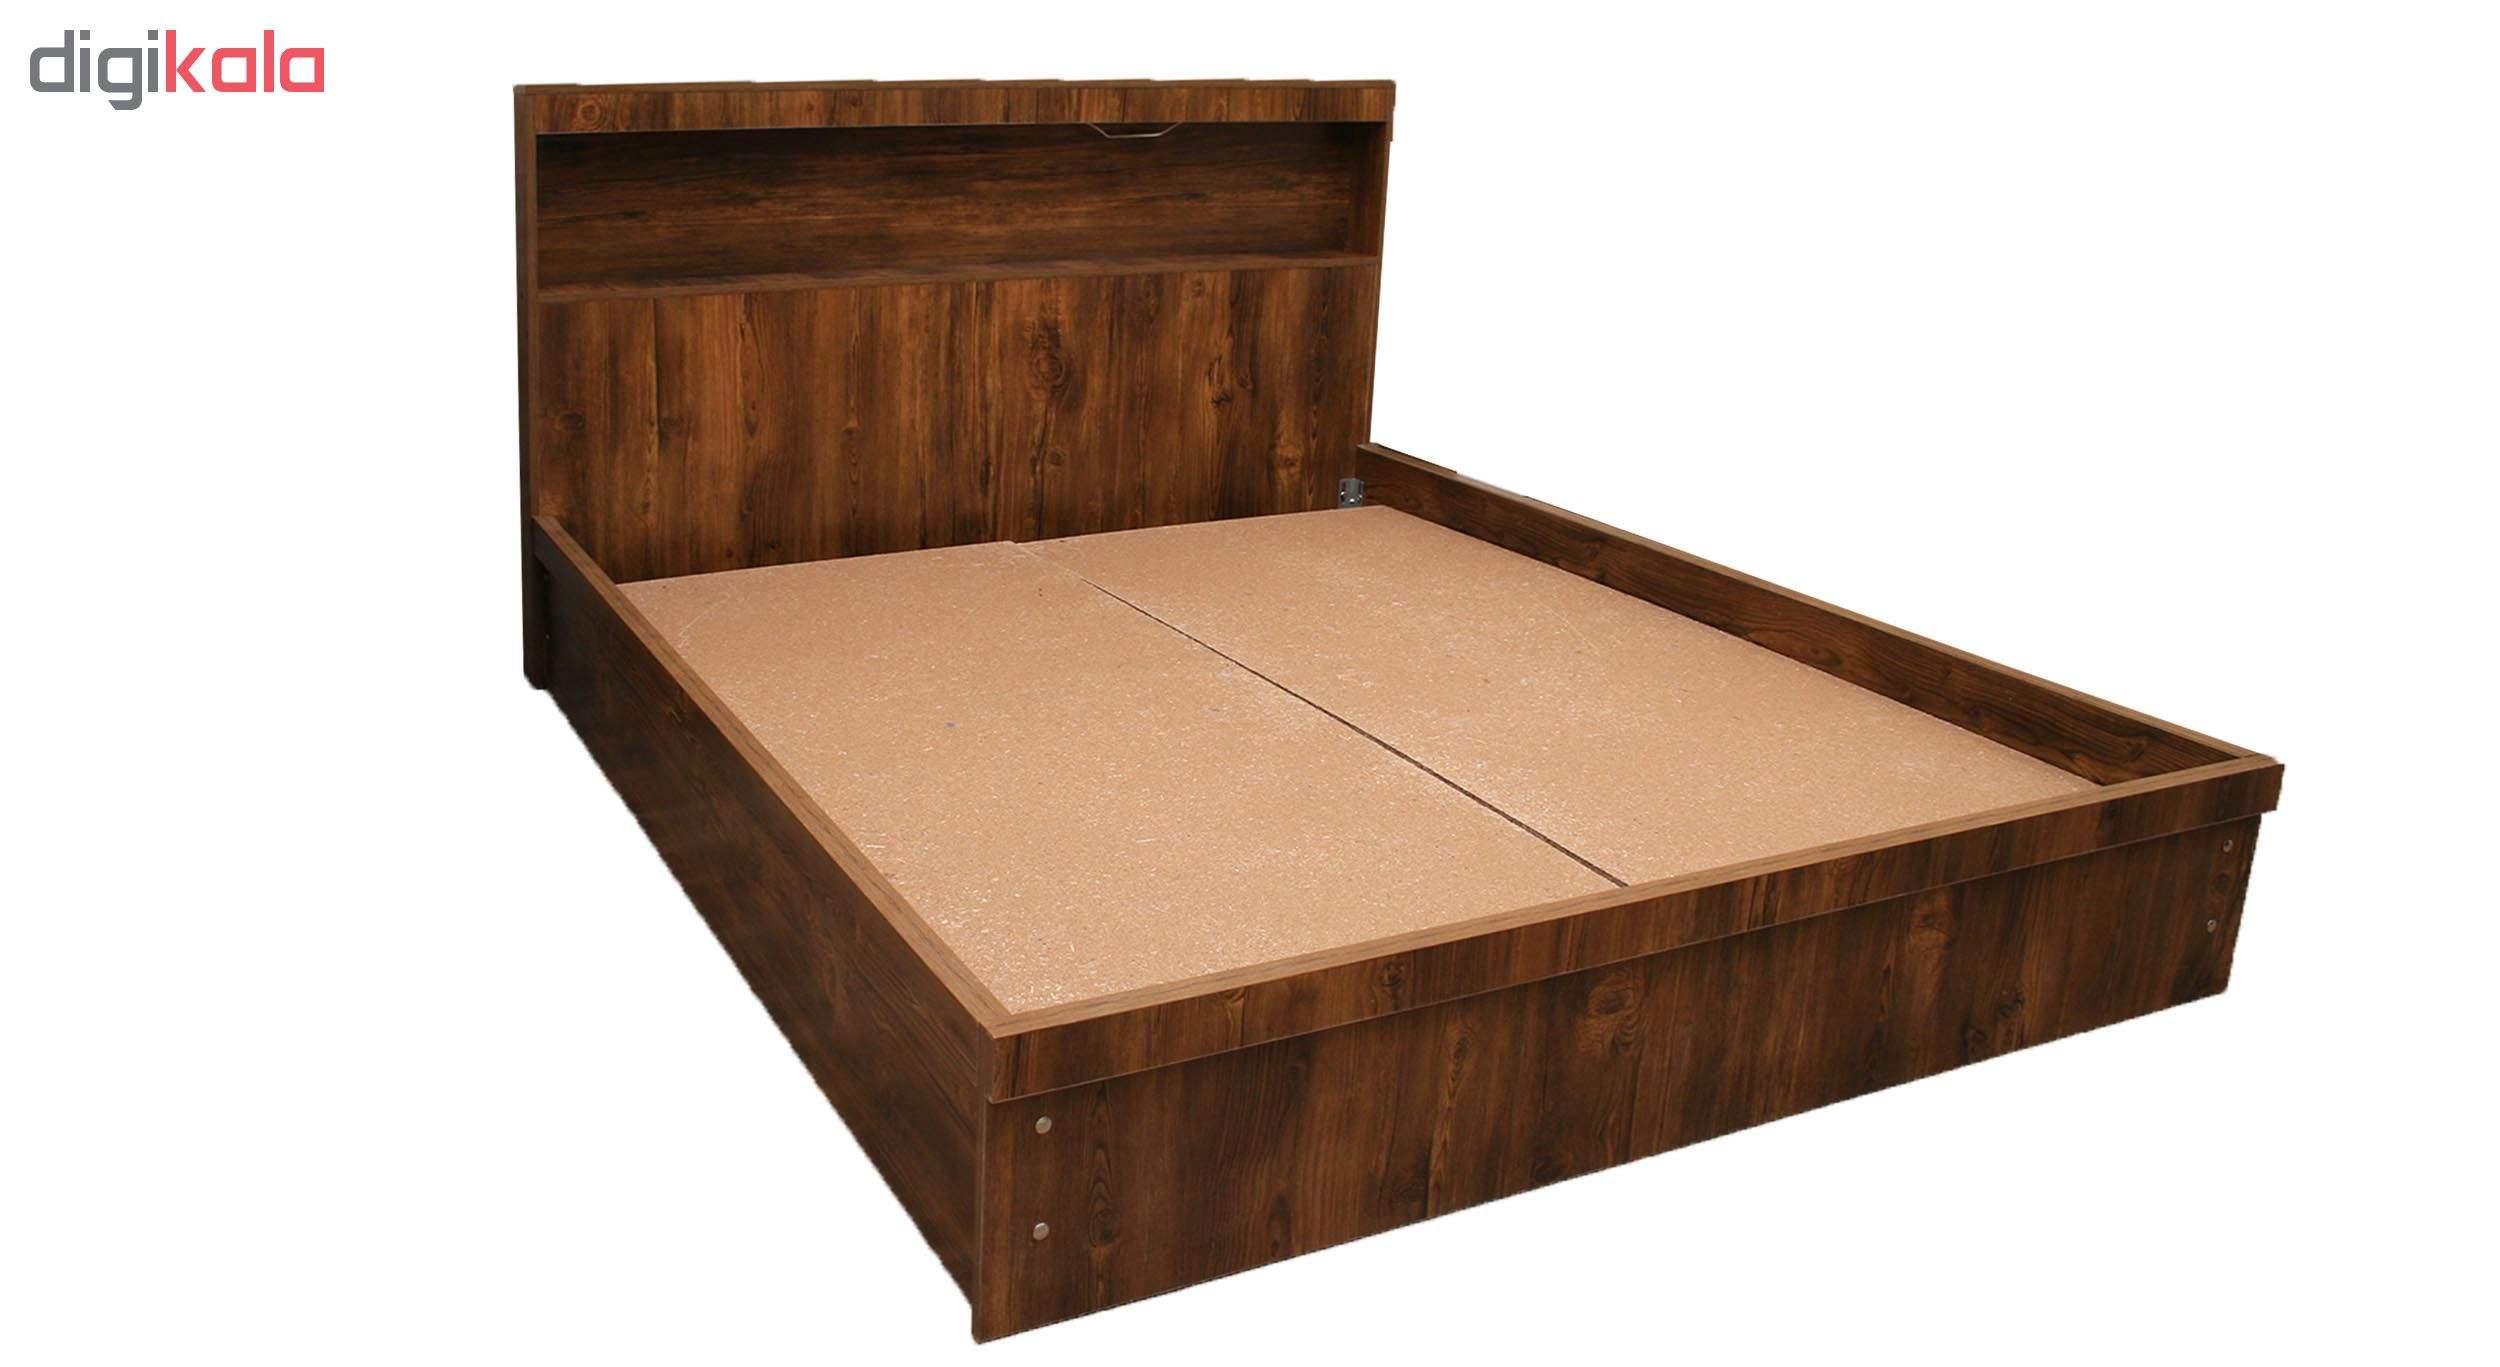 تخت خواب 2 نفره کد MD012 سایز 160×200 سانتی متر main 1 4